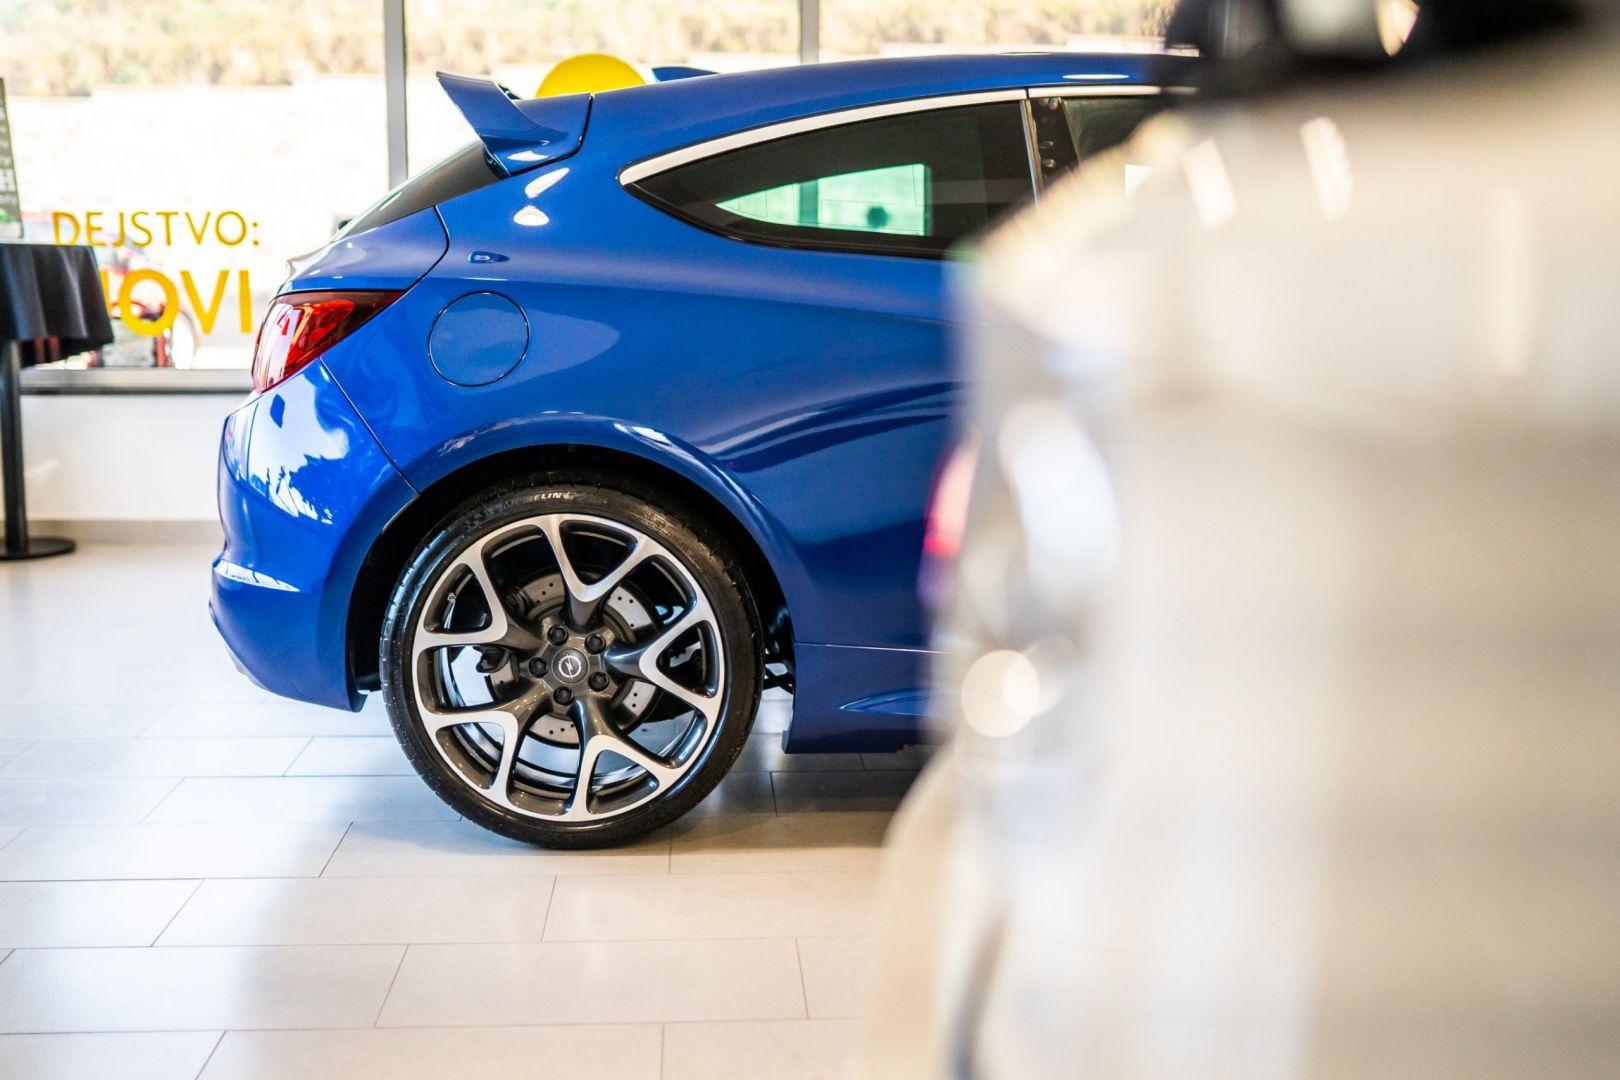 avtohisa-zalar-nova-rabljena-vozila-servis-prodaja-vzdrzevanje-zavarovanje-svetovanje (3)